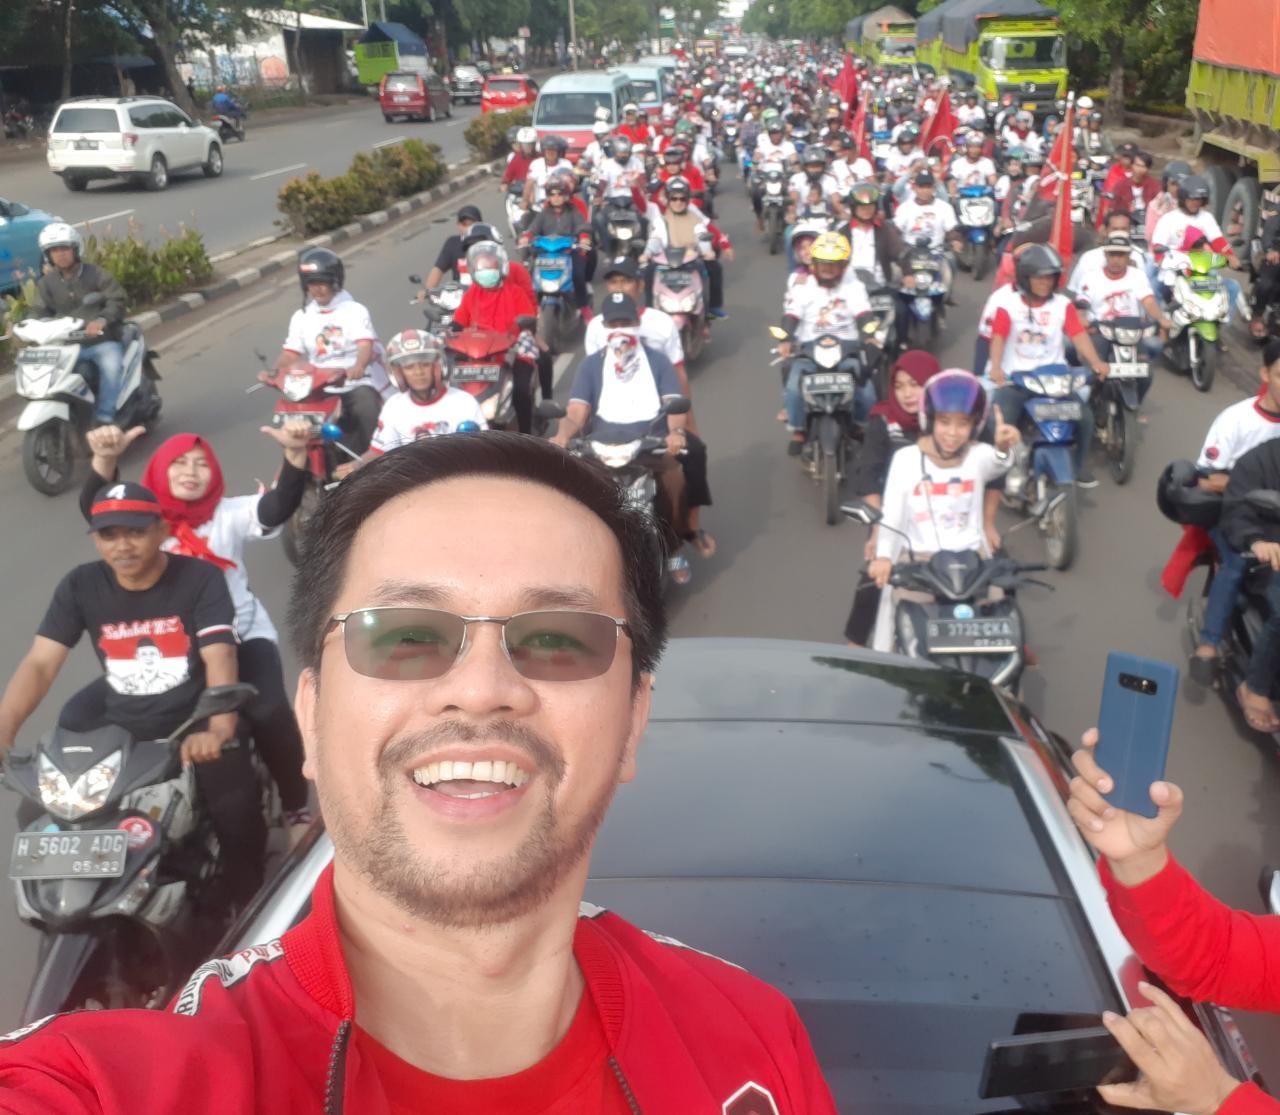 Buruh di Kota Tangerang Diajak Jaga Iklim Investasi